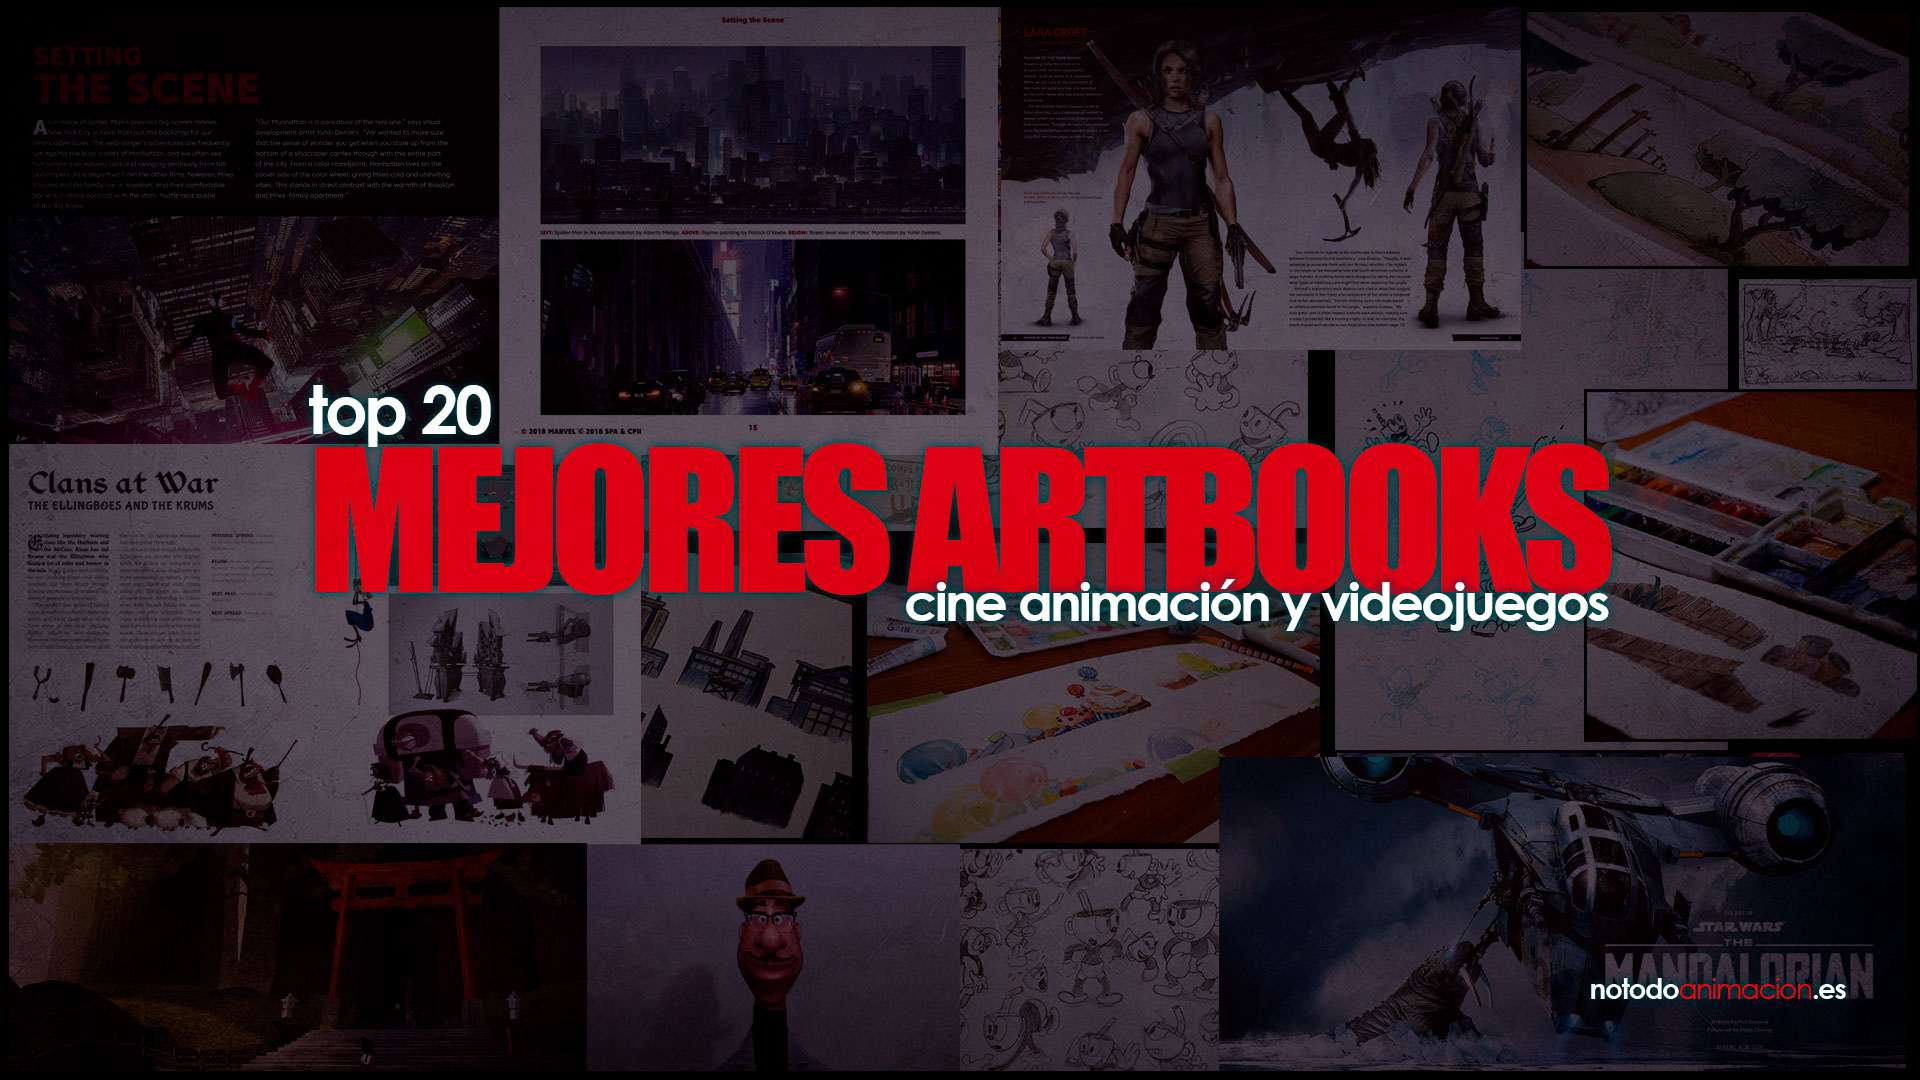 los mejores art books videojuegos y animación